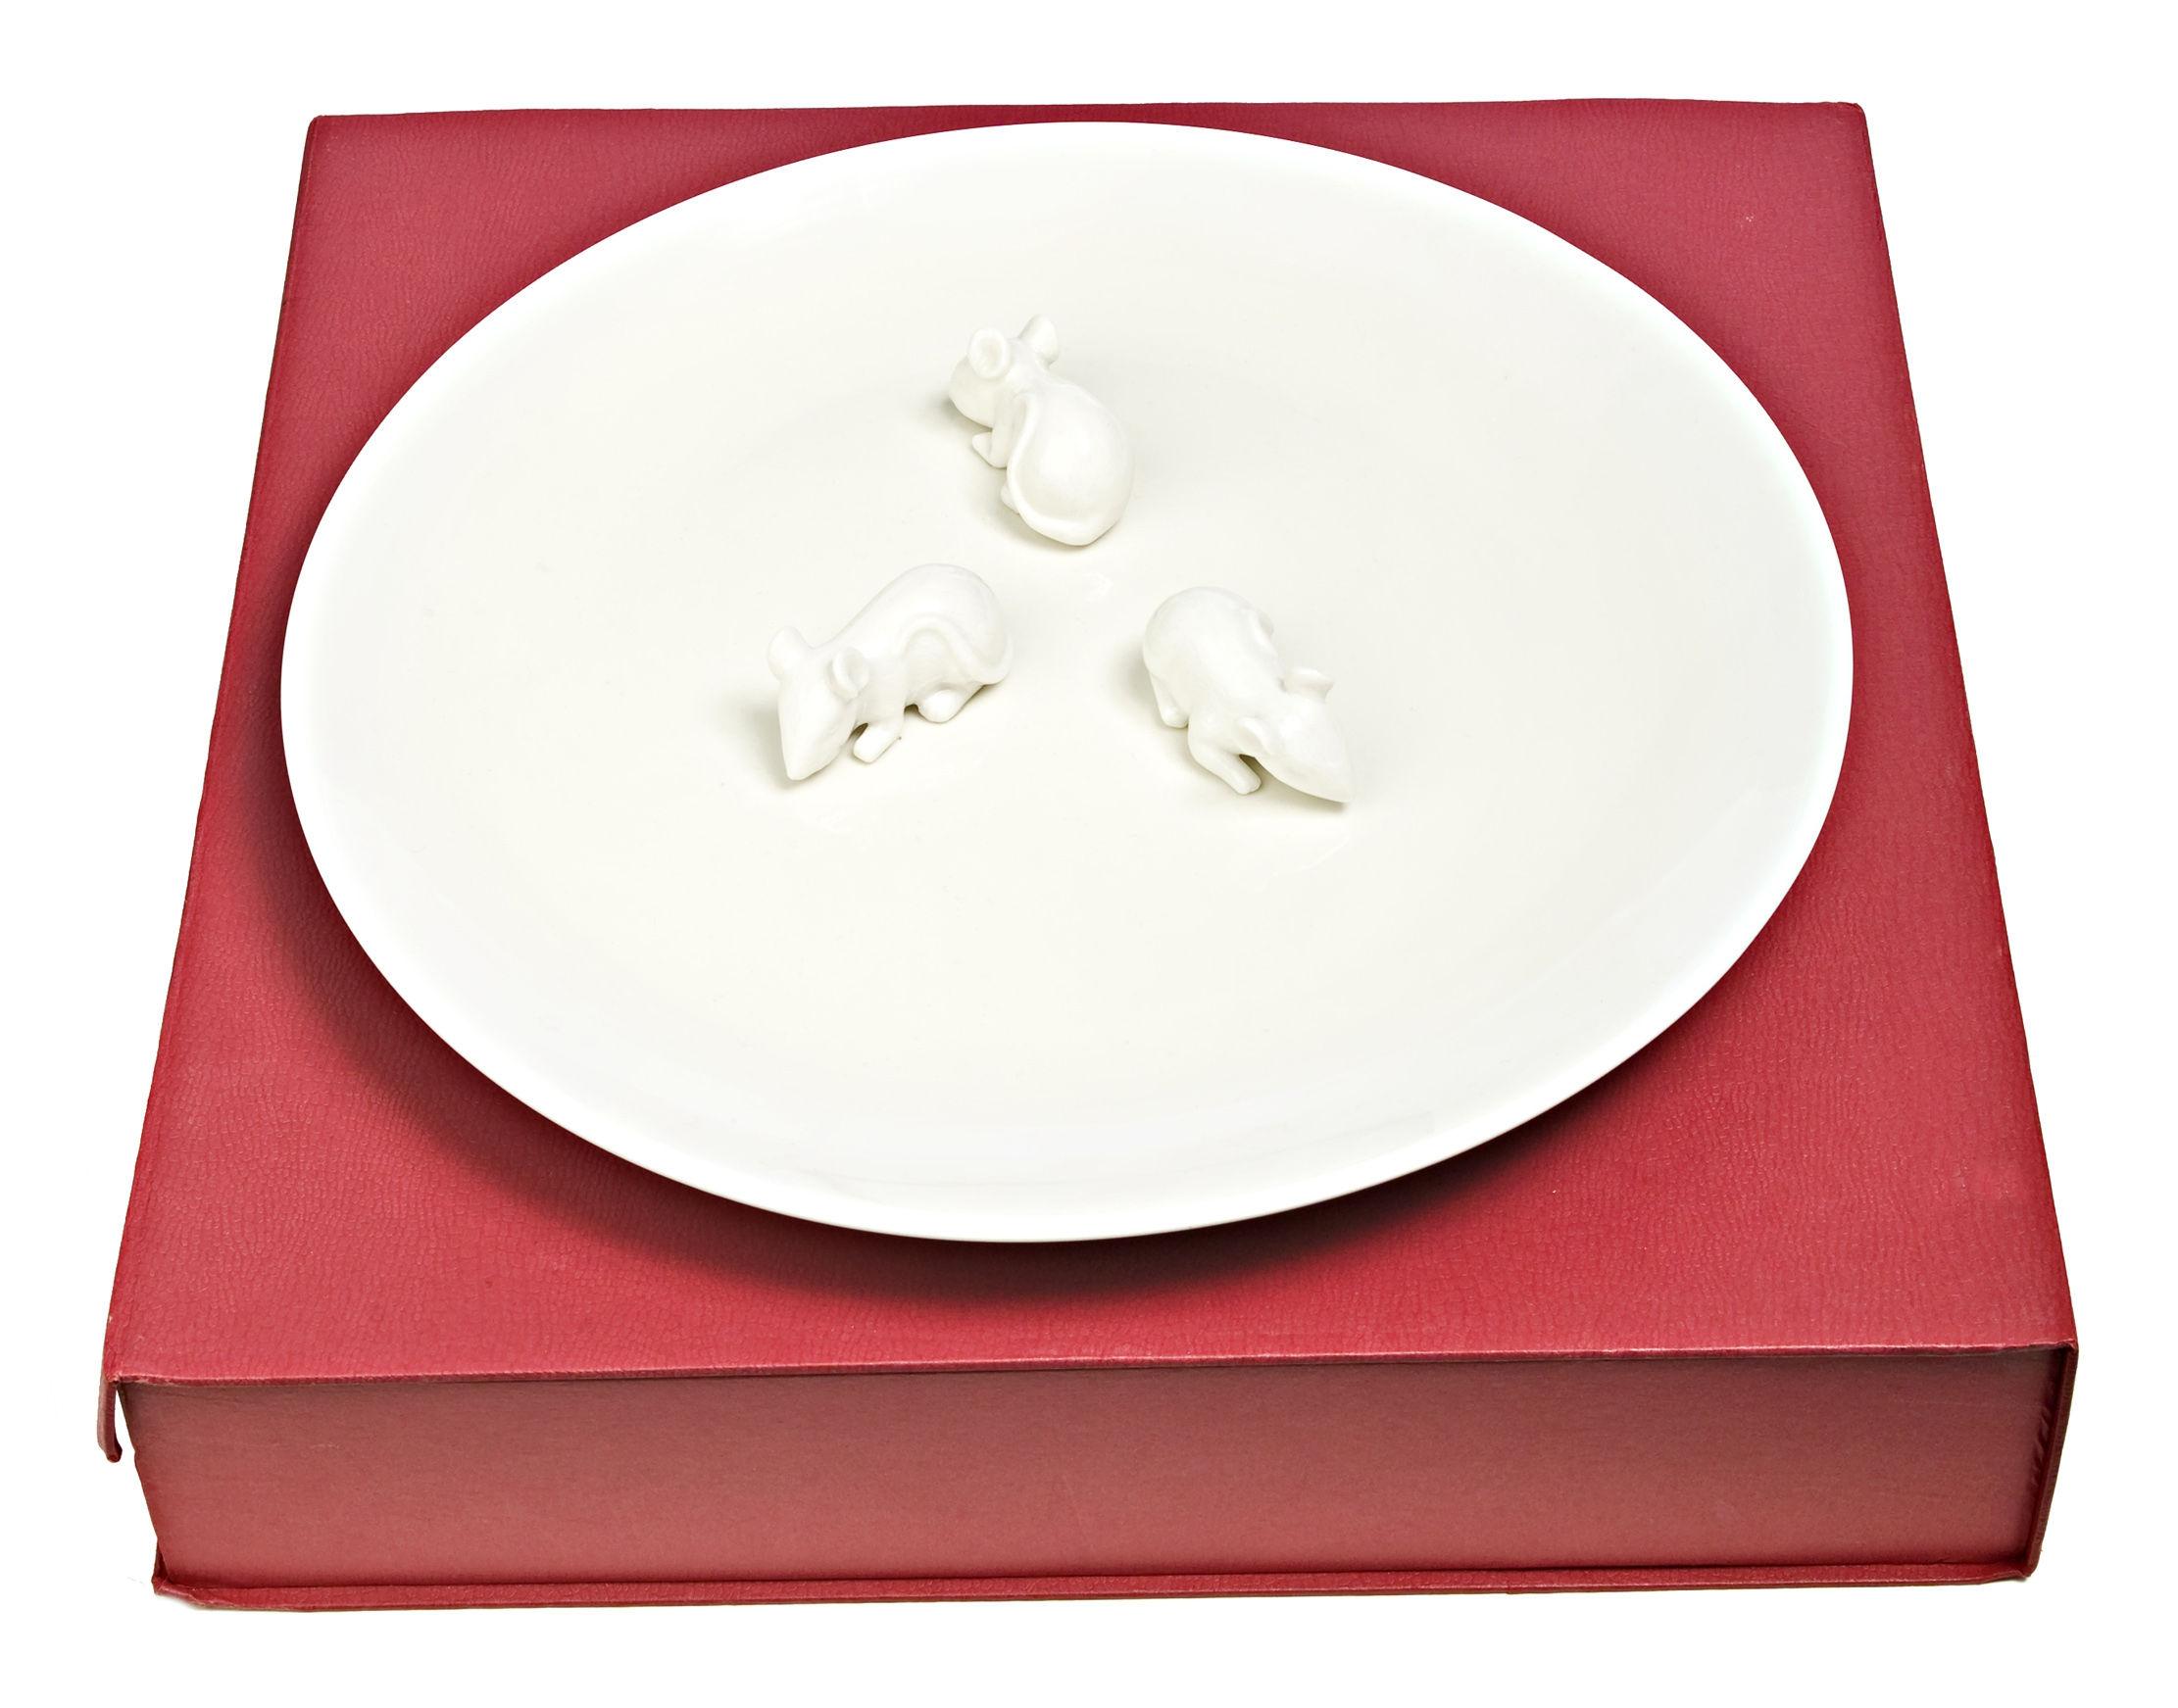 Arts de la table - Assiettes - Assiette de présentation Mice / Souris en relief - Ø 40 cm - Pols Potten - Souris / Blanc - Porcelaine vernie